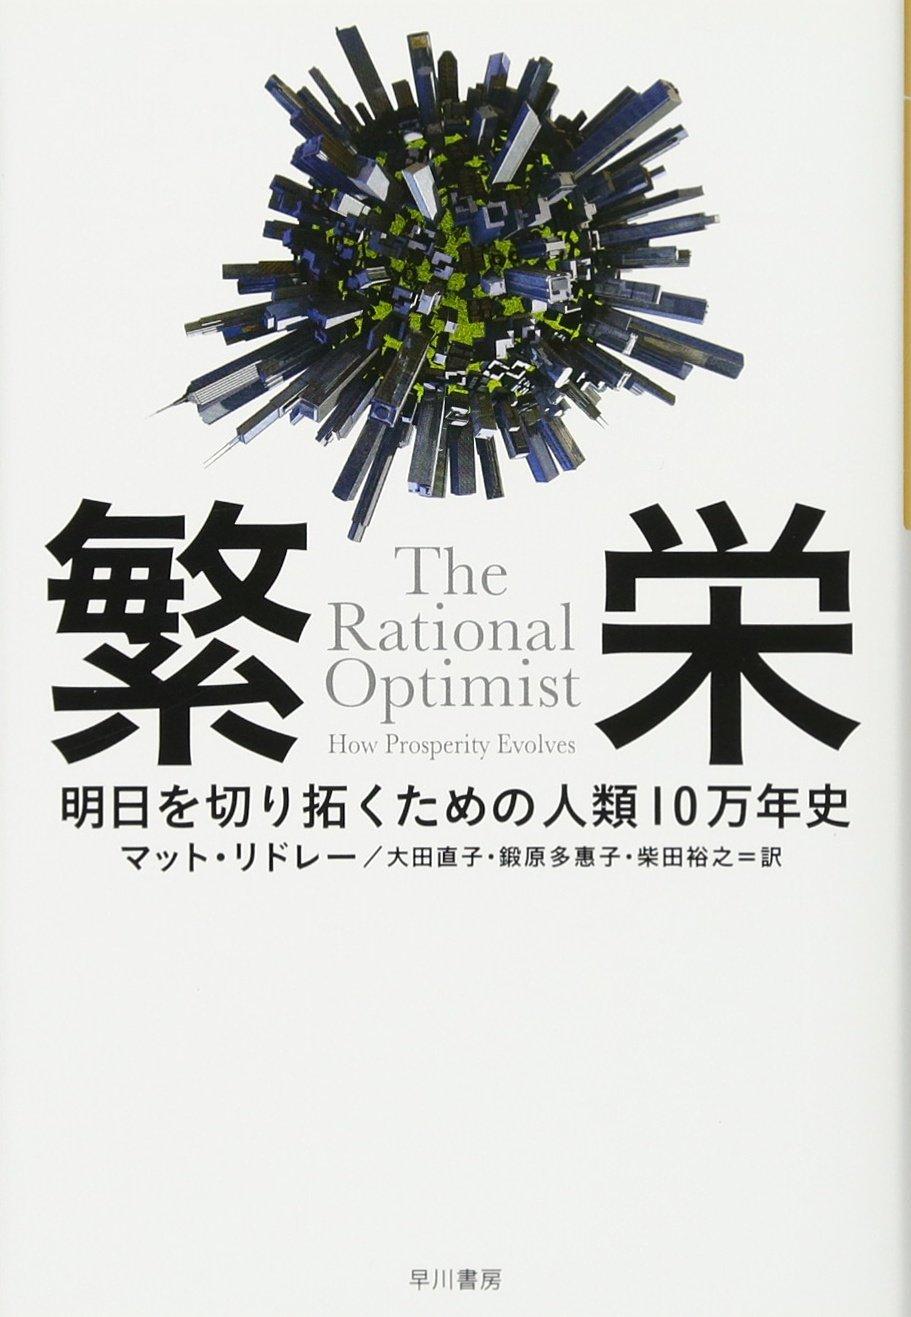 マット・リドレー(2013)『繁栄 明日を切り拓くための人類10万年史』早川書房